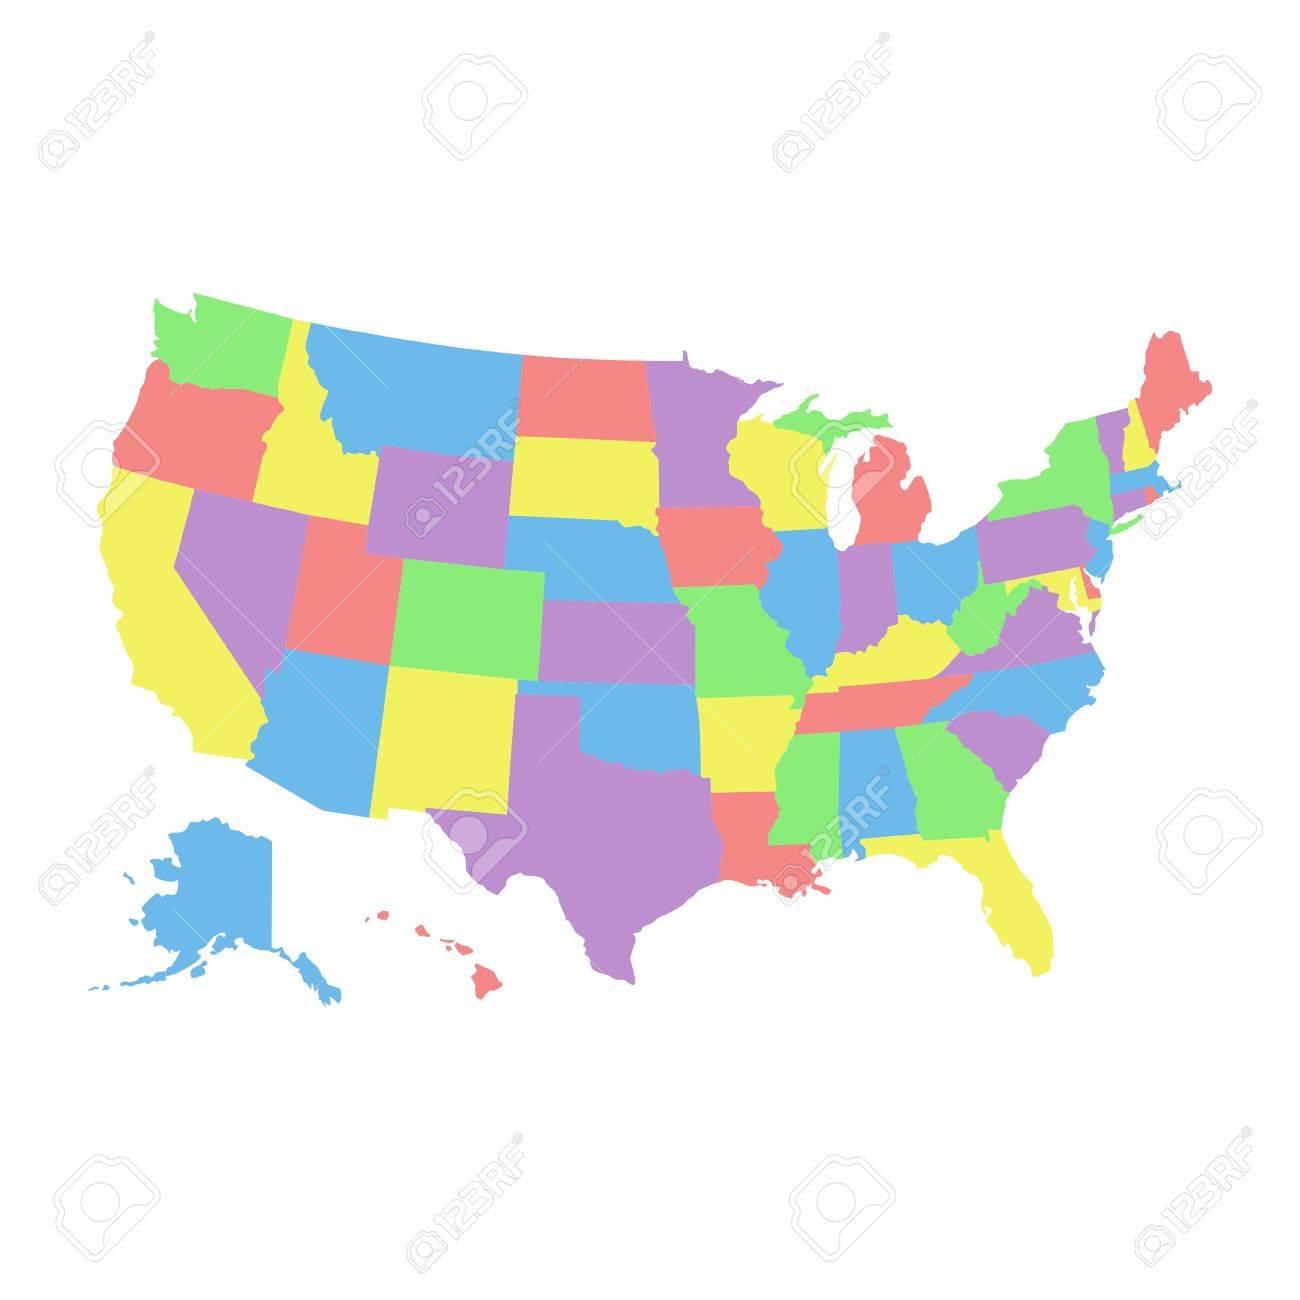 Hohe Detail Usa Karte Mit Verschiedenen Farben Fur Jedes Land